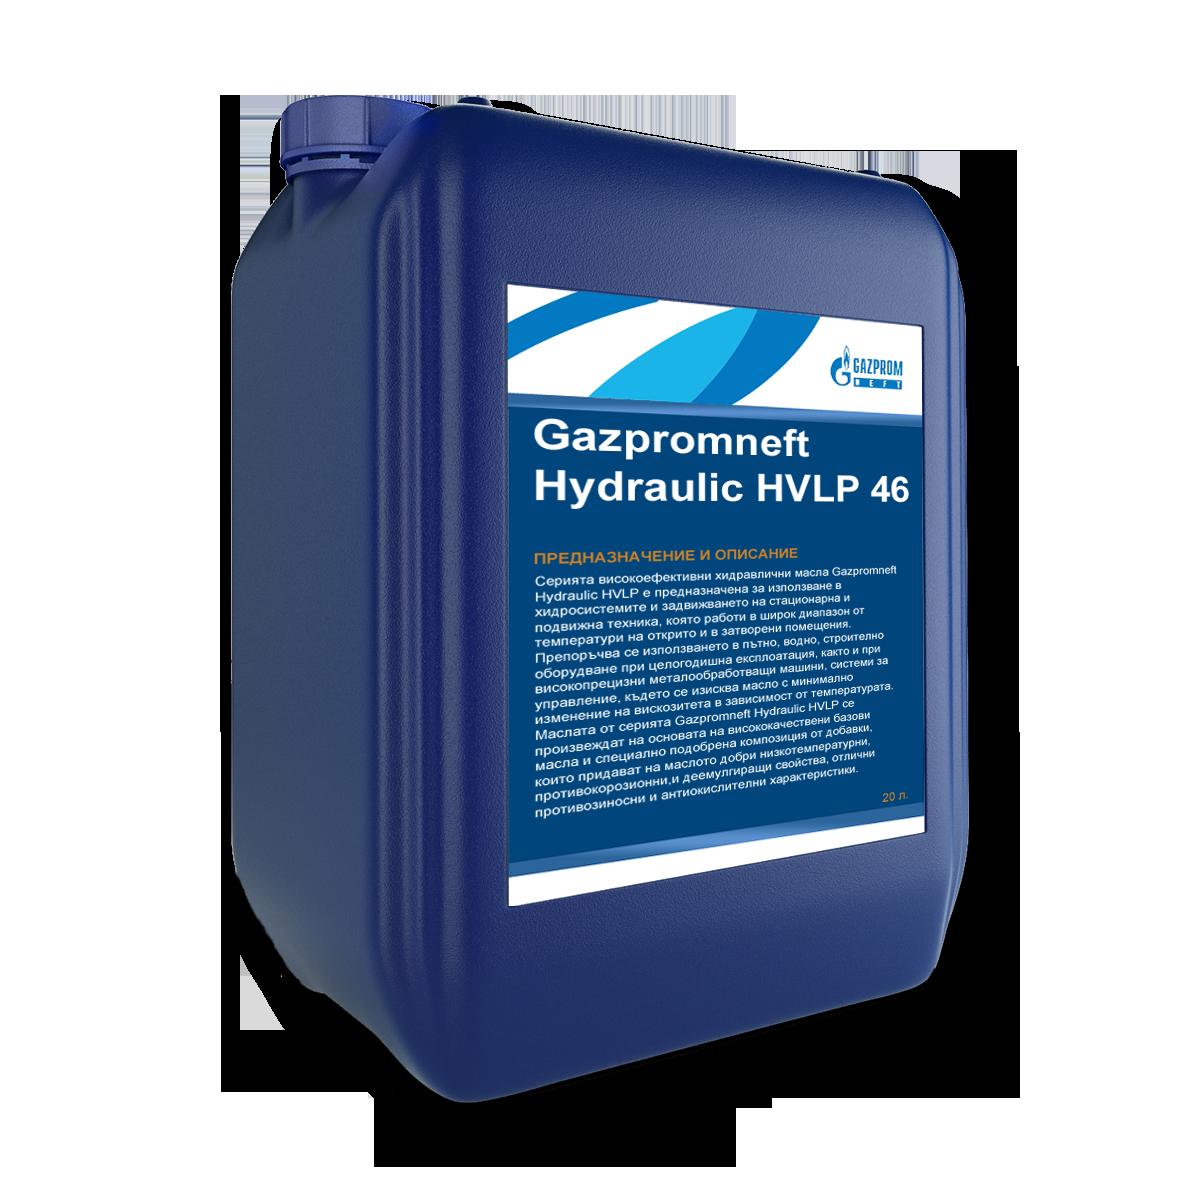 Gazpromneft HVLP 46 Гидравлическое масло (20л)